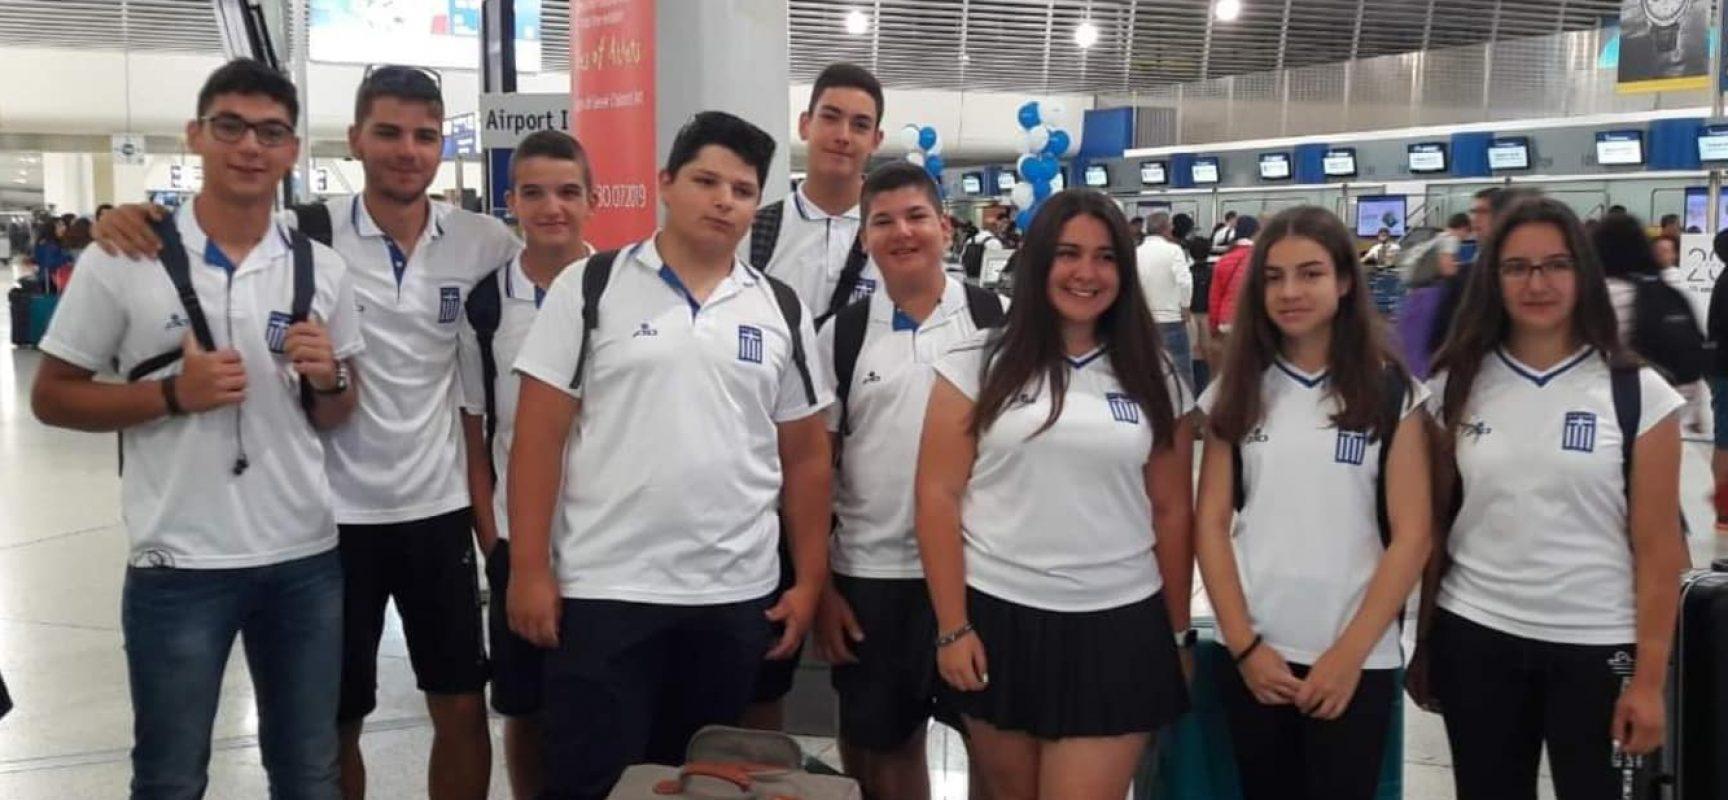 Με 12 αθλητές η Ελλάδα στο European Youth Cup